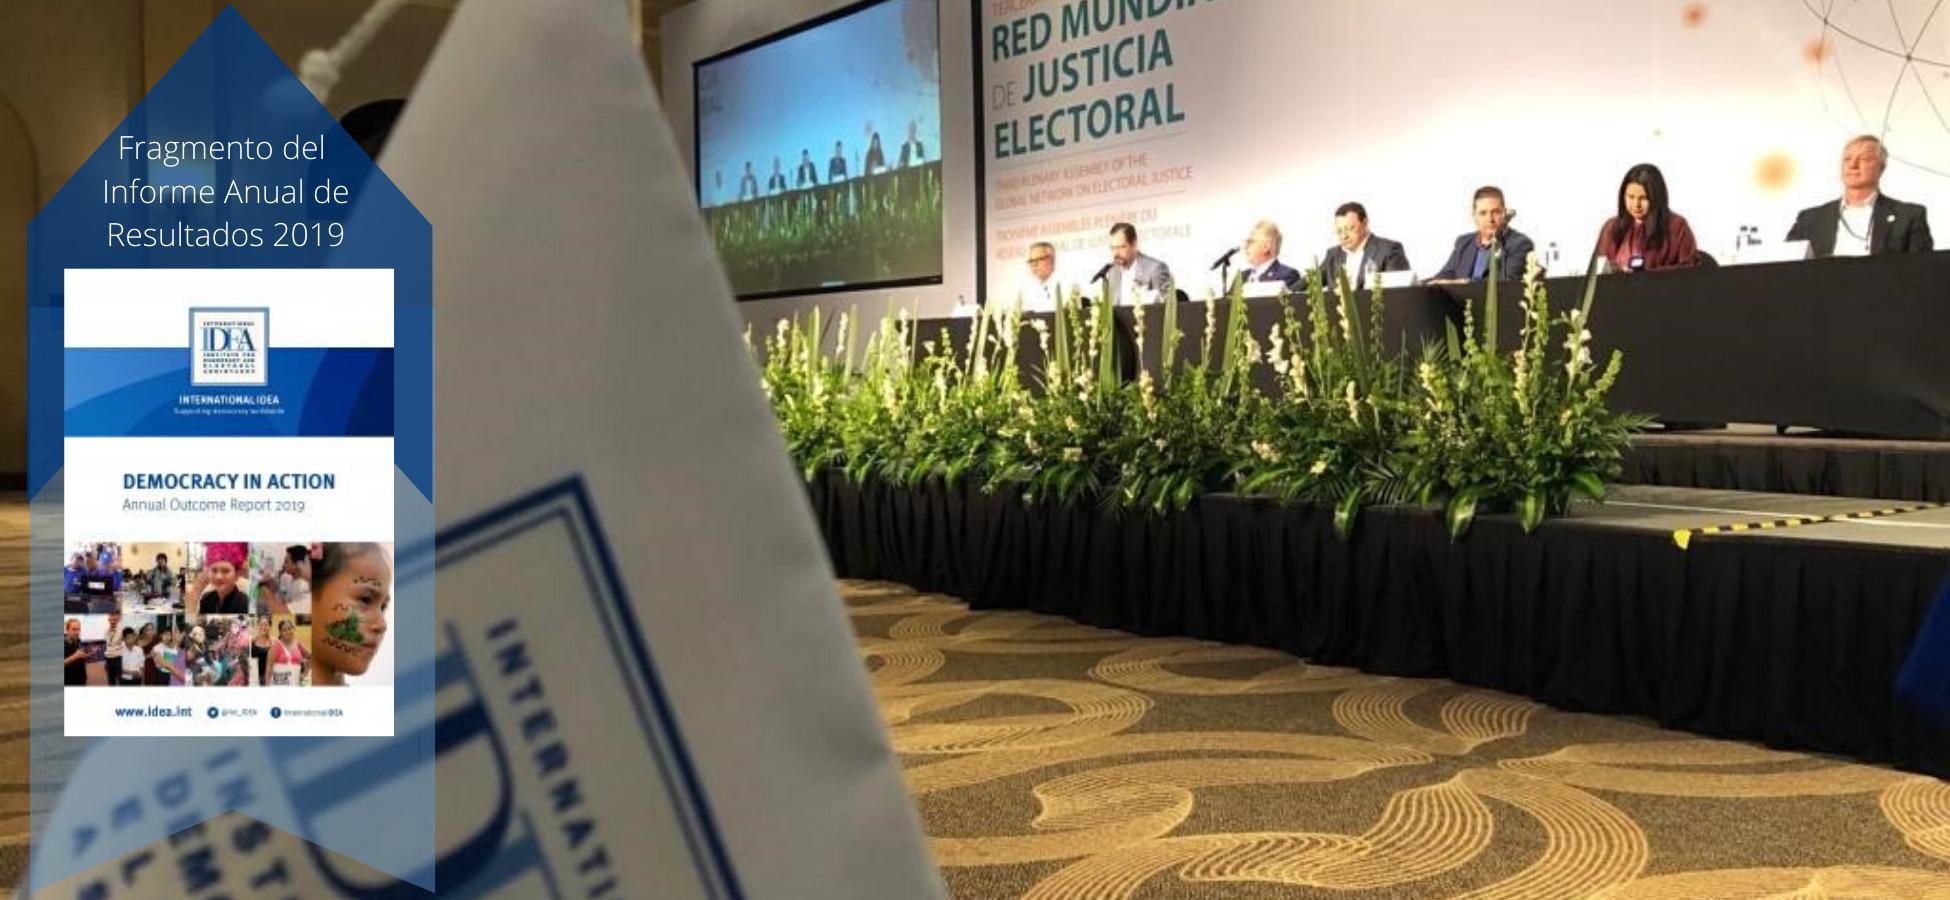 La asamblea plenaria de la Red Global de Justicia Electoral celebrada en Noviembre de 2019 en Los Cabos, México.